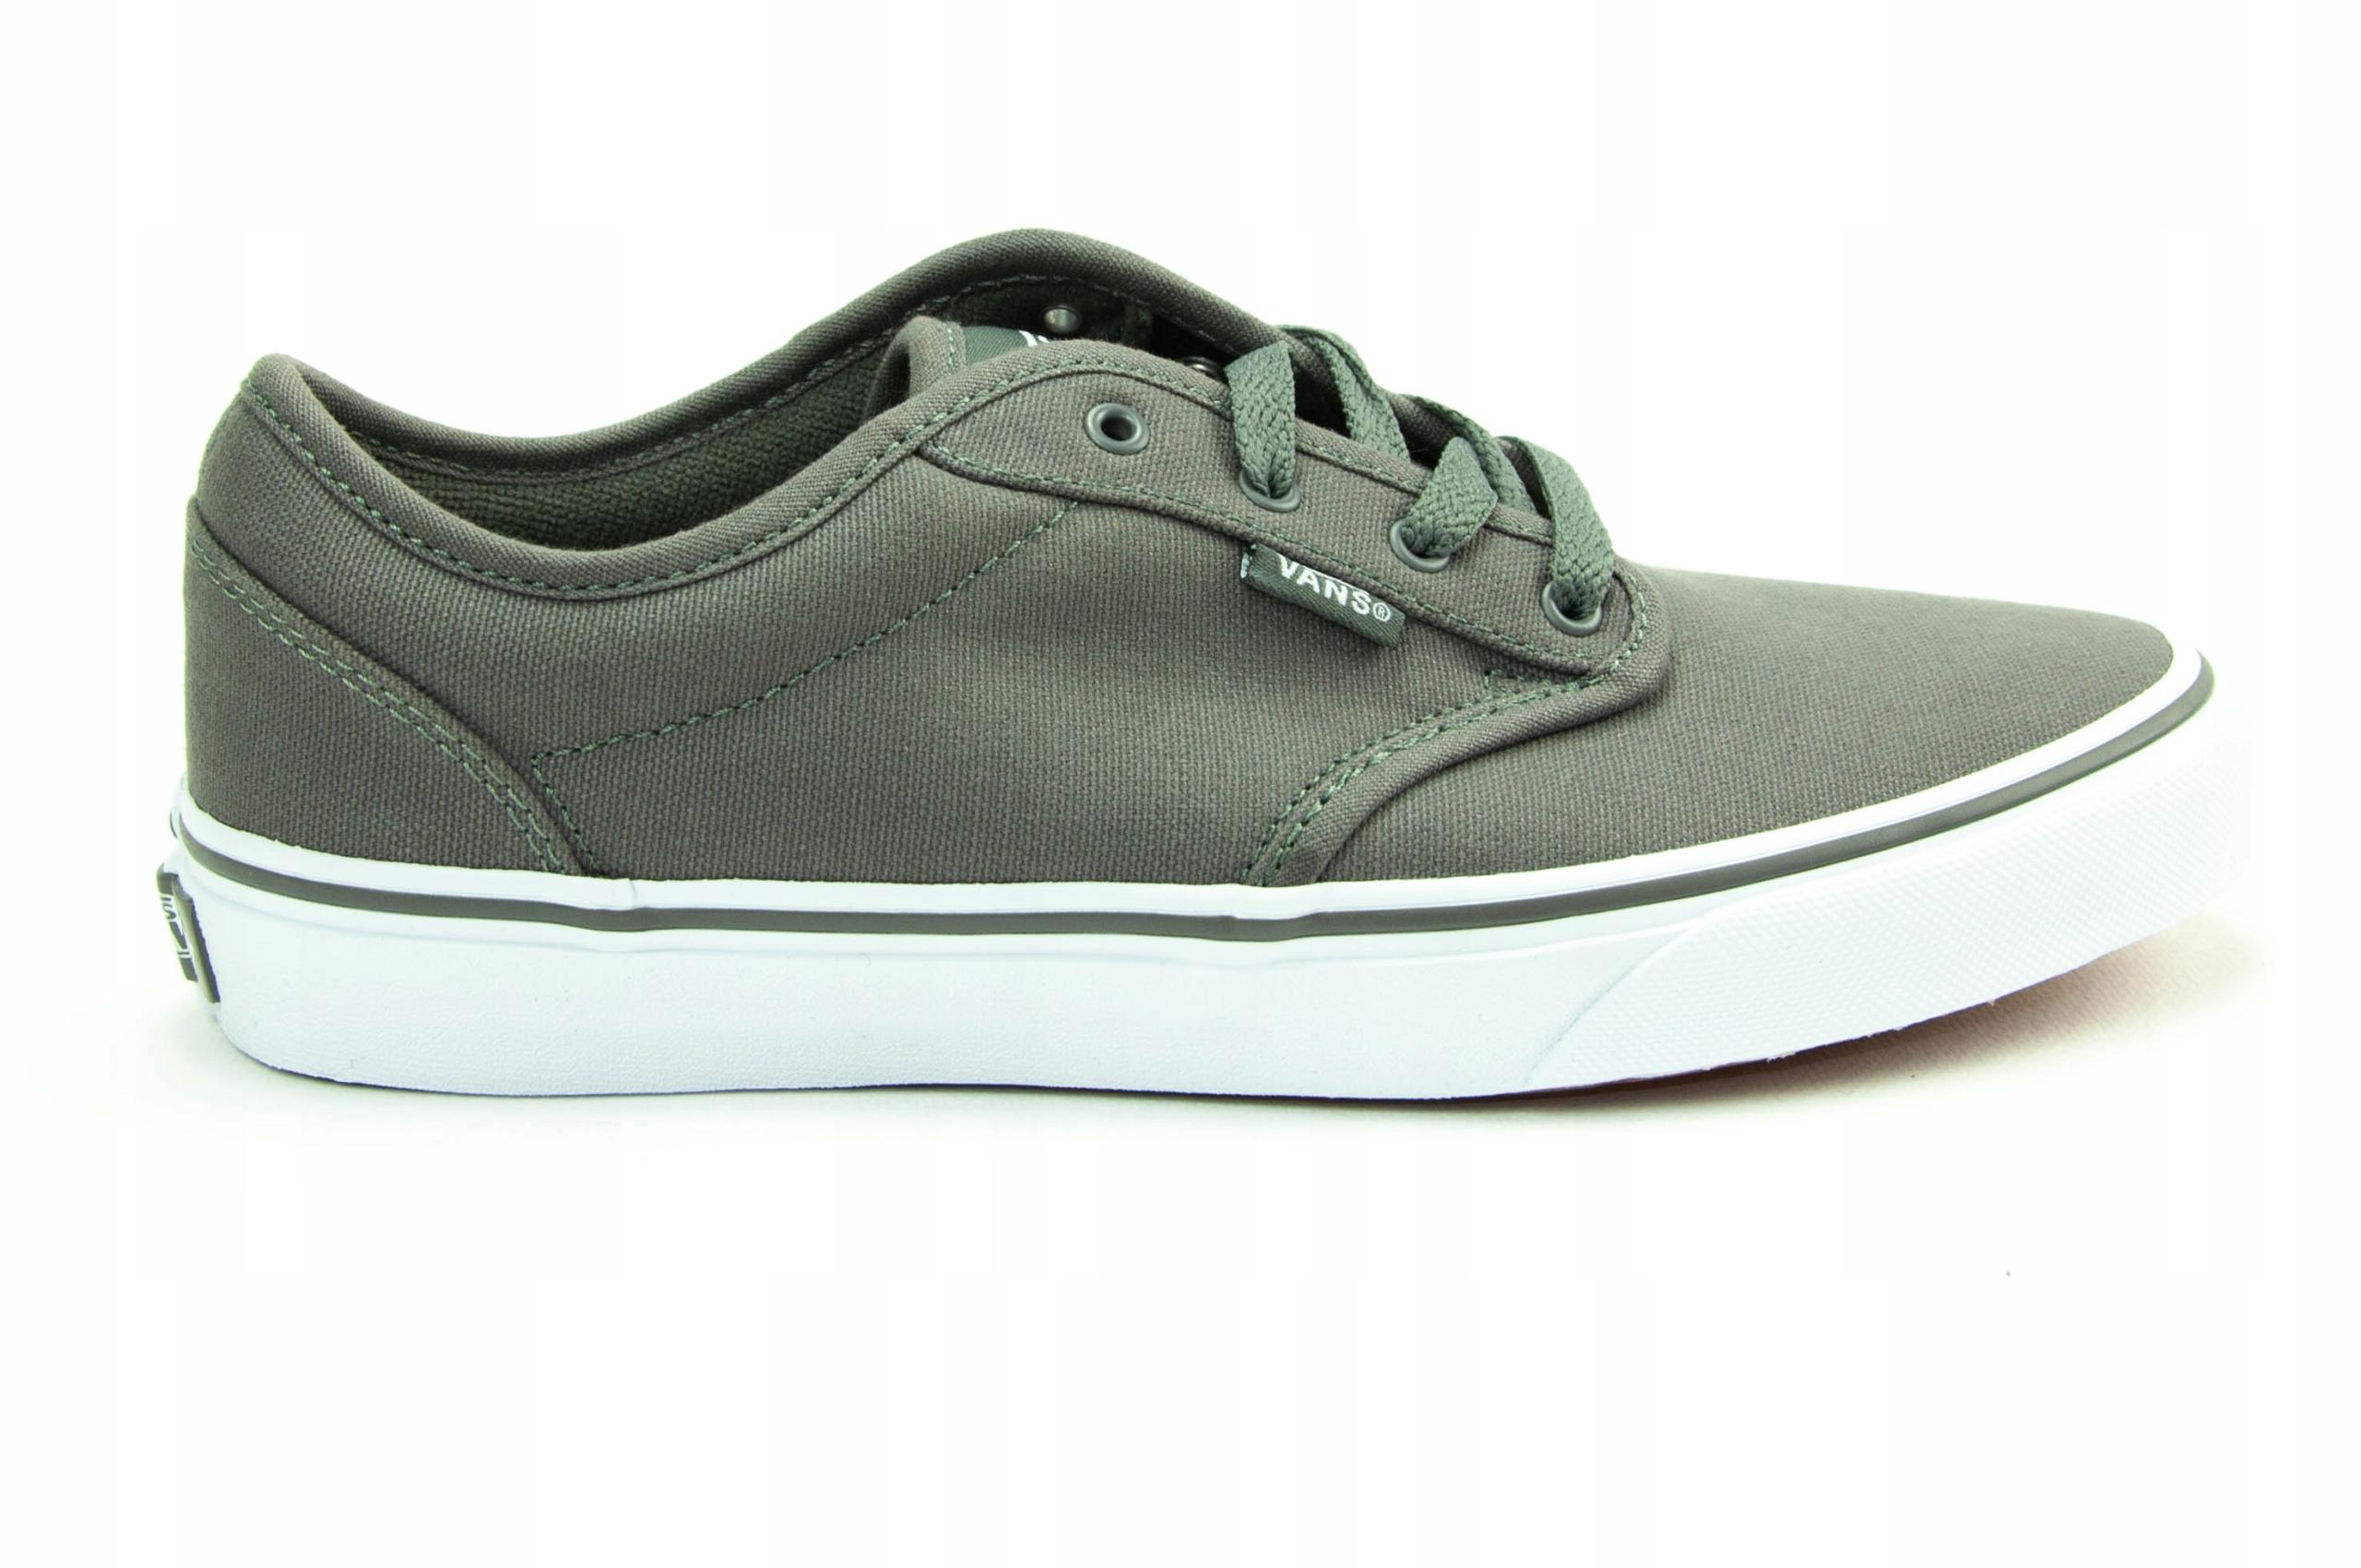 Buty Vans Atwood Sneakersy niskie r.35 8257947661